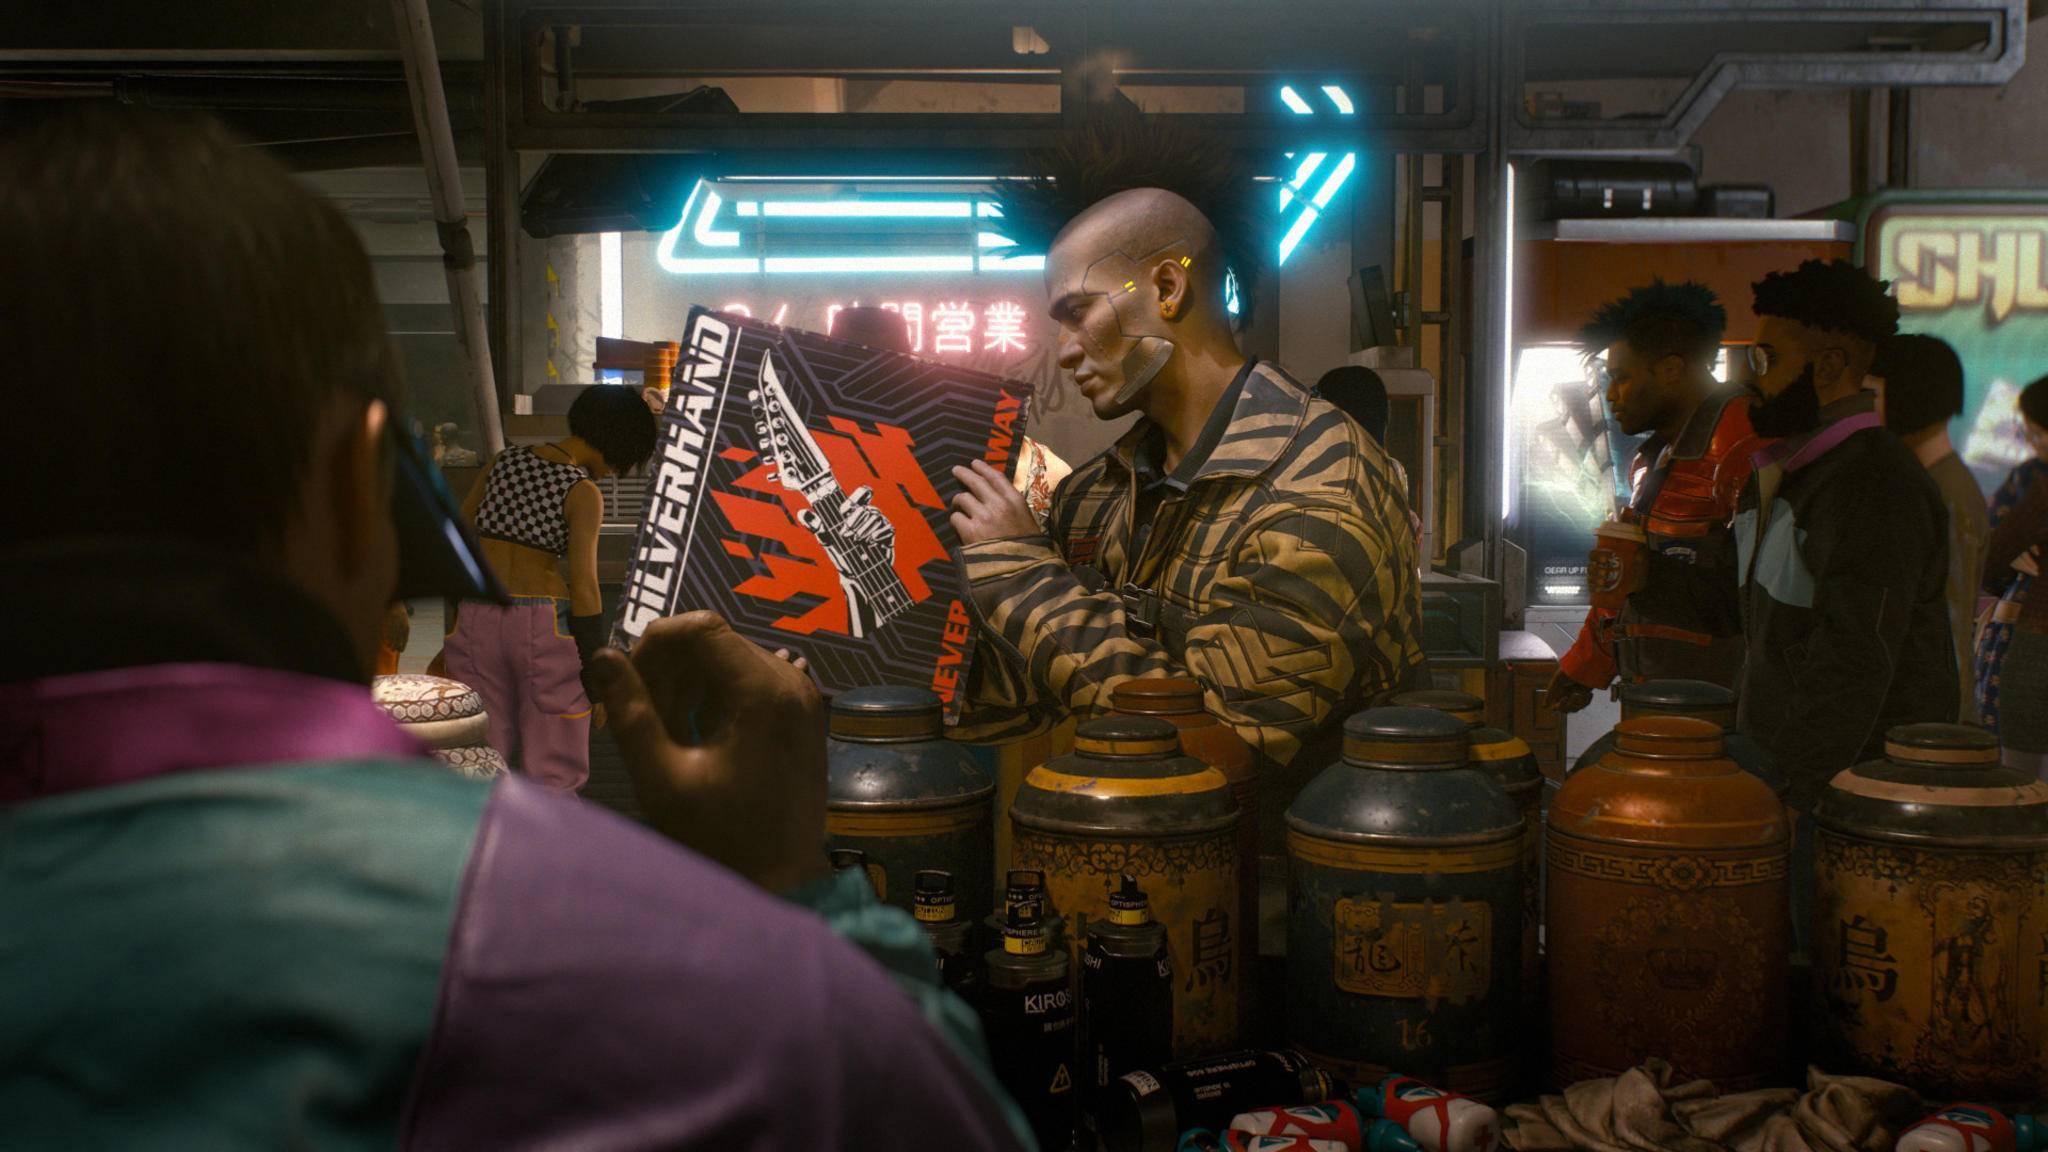 """""""Cyberpunk 2077"""" erlebst Du aus den Augen Deines Spielcharakters. Das bringt einige Vorteile mit sich."""